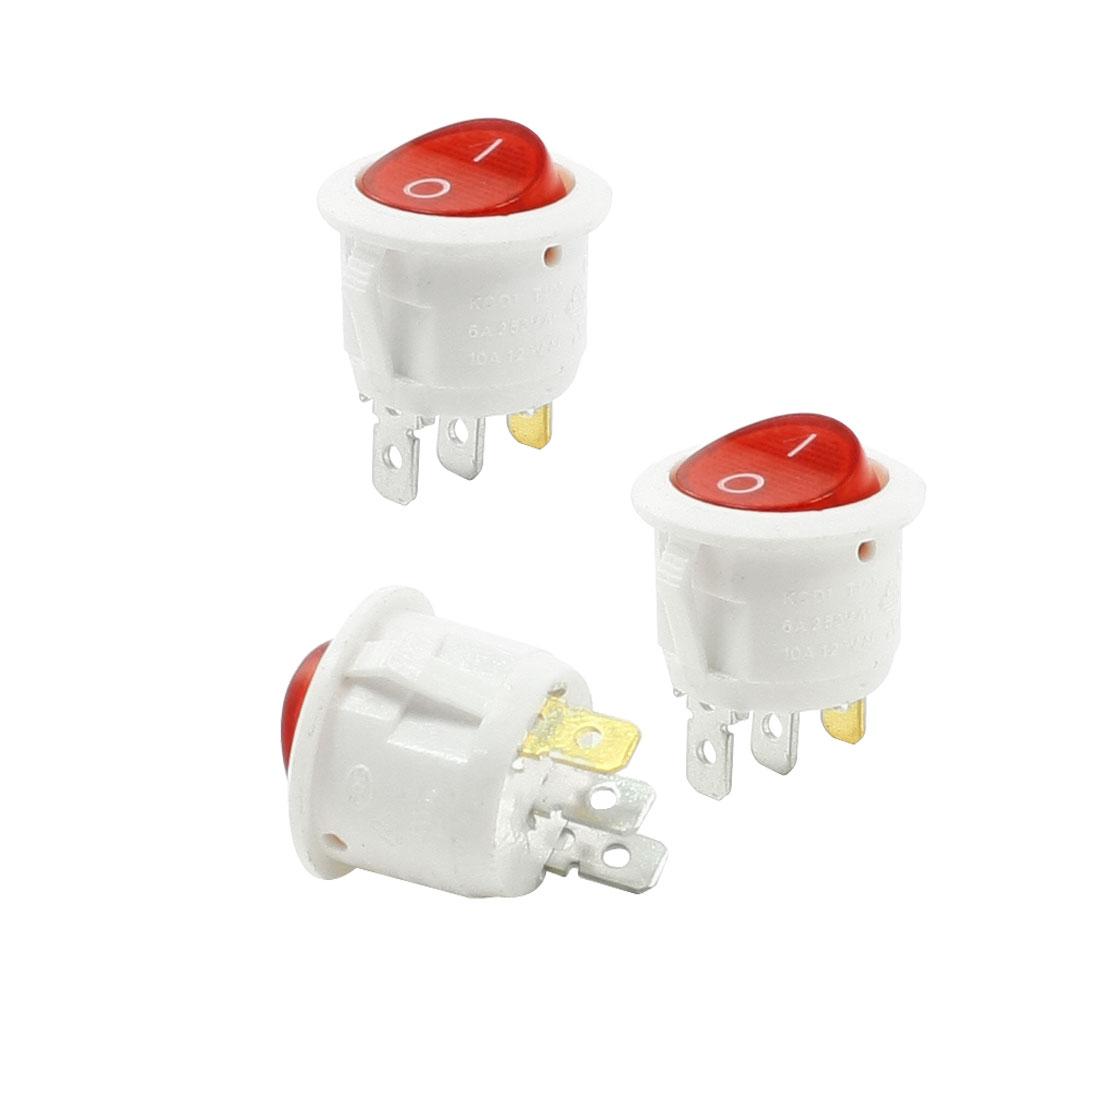 6A 250VAC 10A 125VAC 3P SPST I/O Panel Mounted Red Indicator Rocker Switch 3 Pcs